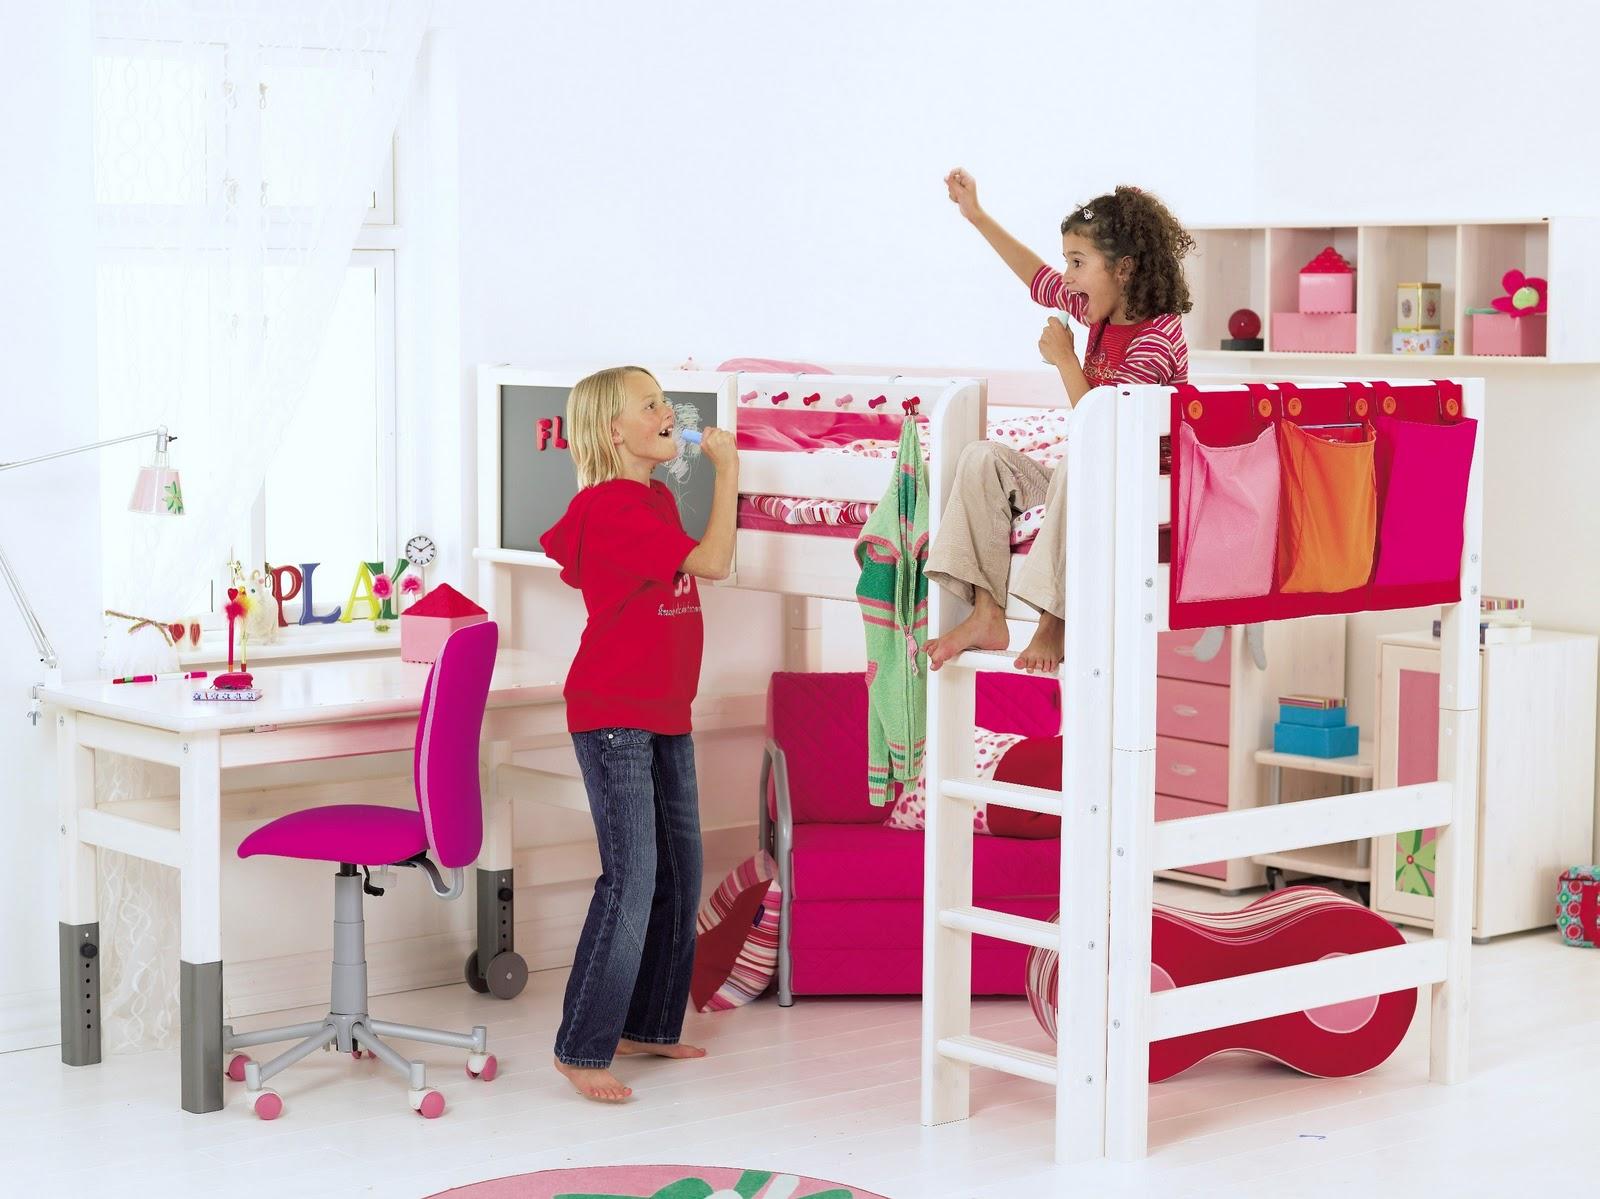 Flexa camas individuales y en altura for Flexa muebles infantiles